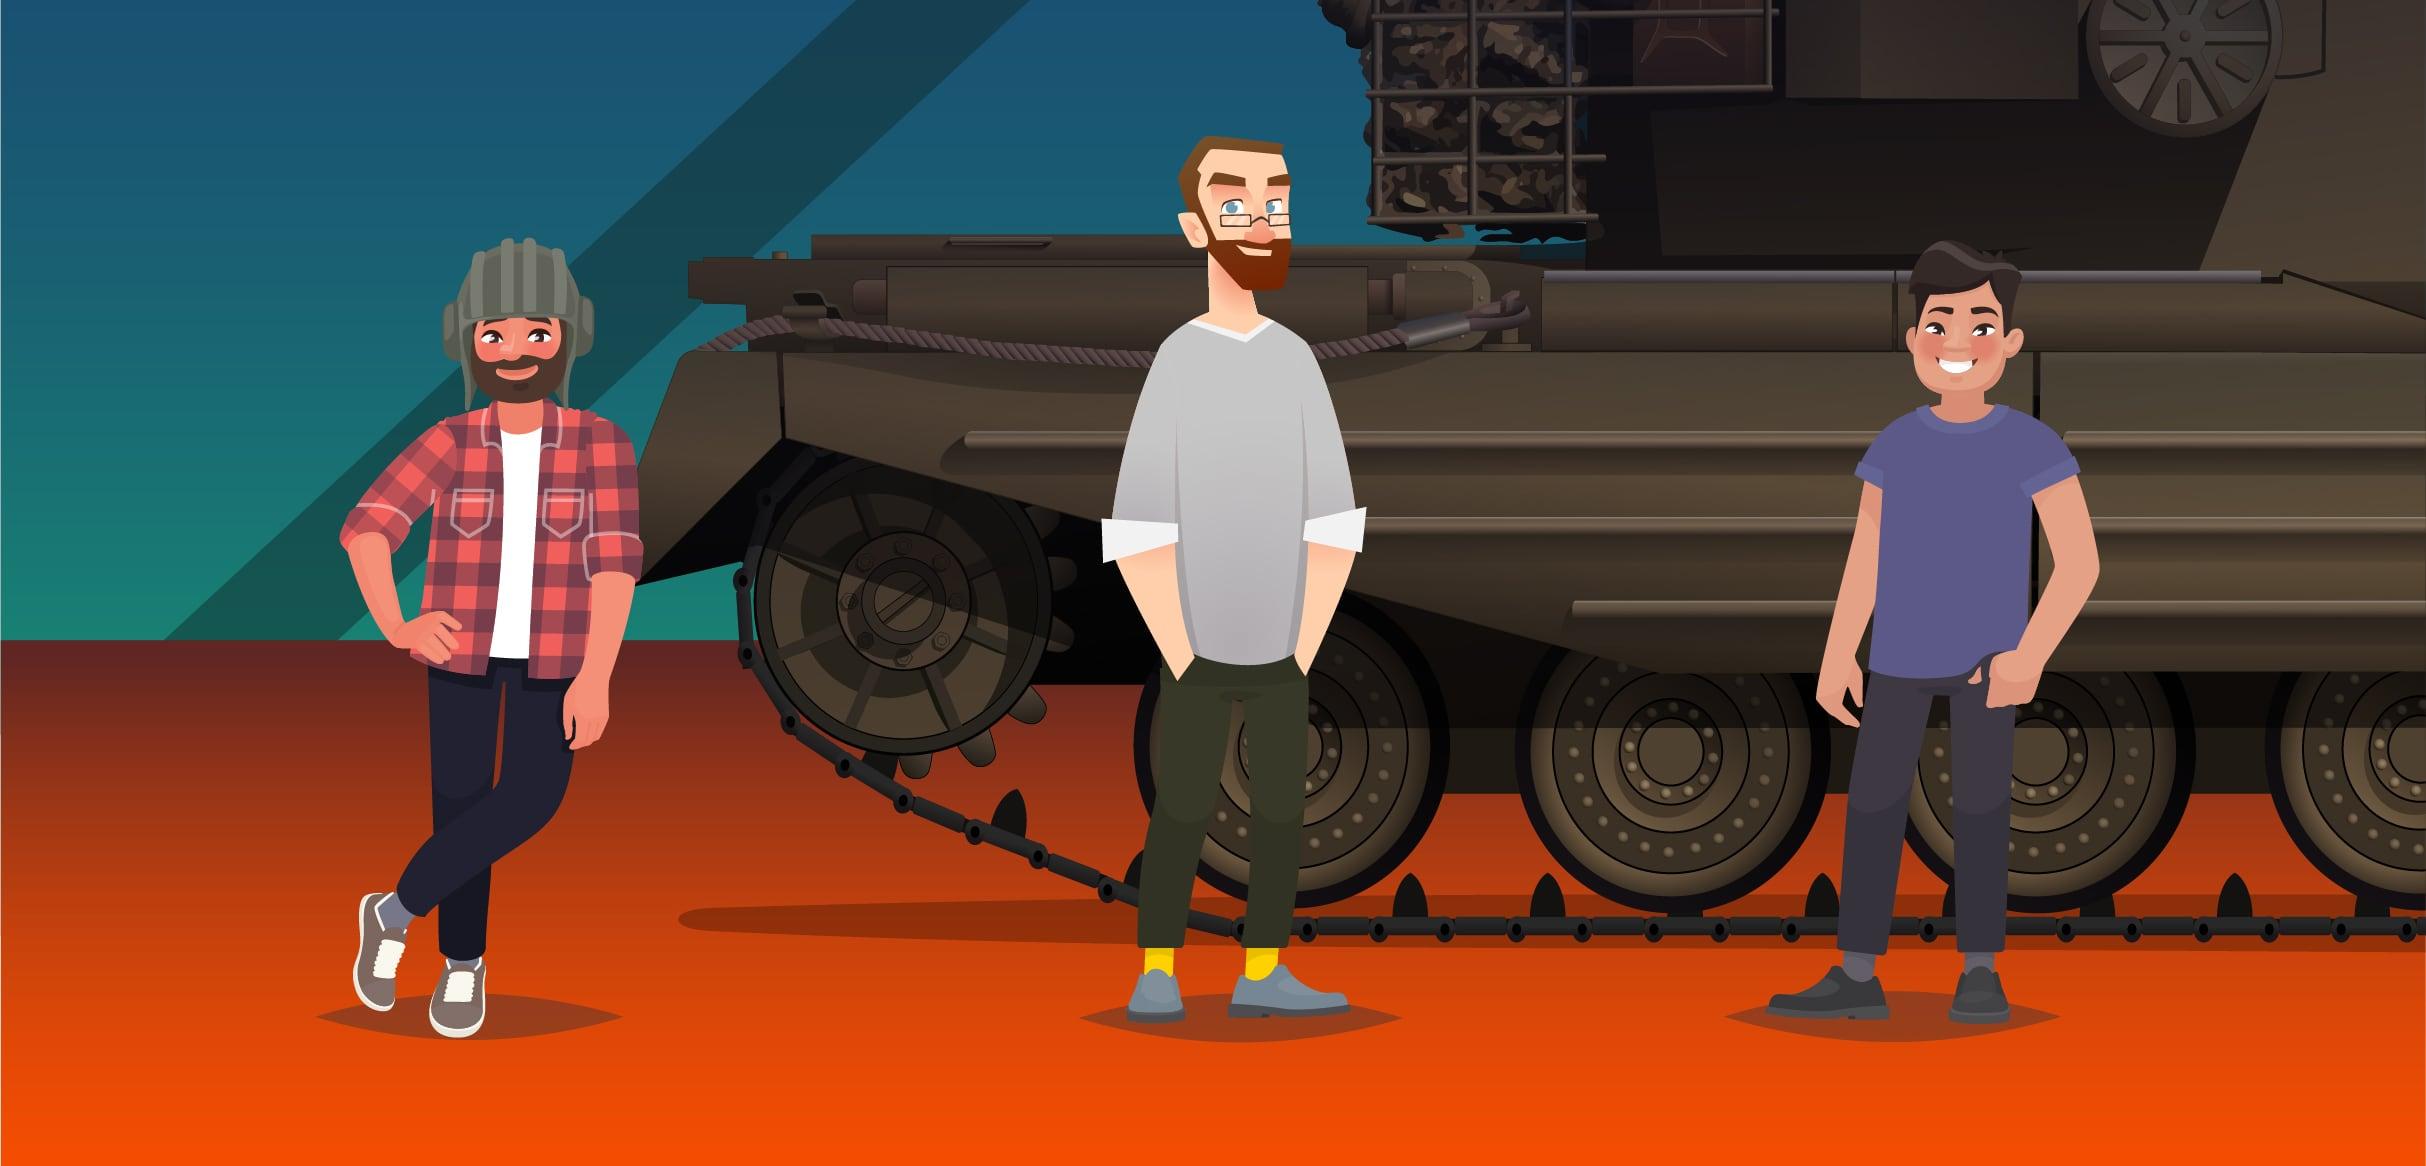 У 45% украинских игроков World of Tanks есть кошка, 91% предпочитают кофе, а один играет на ПК с 256 ГБ ОЗУ: залипательная инфографика Wargaming